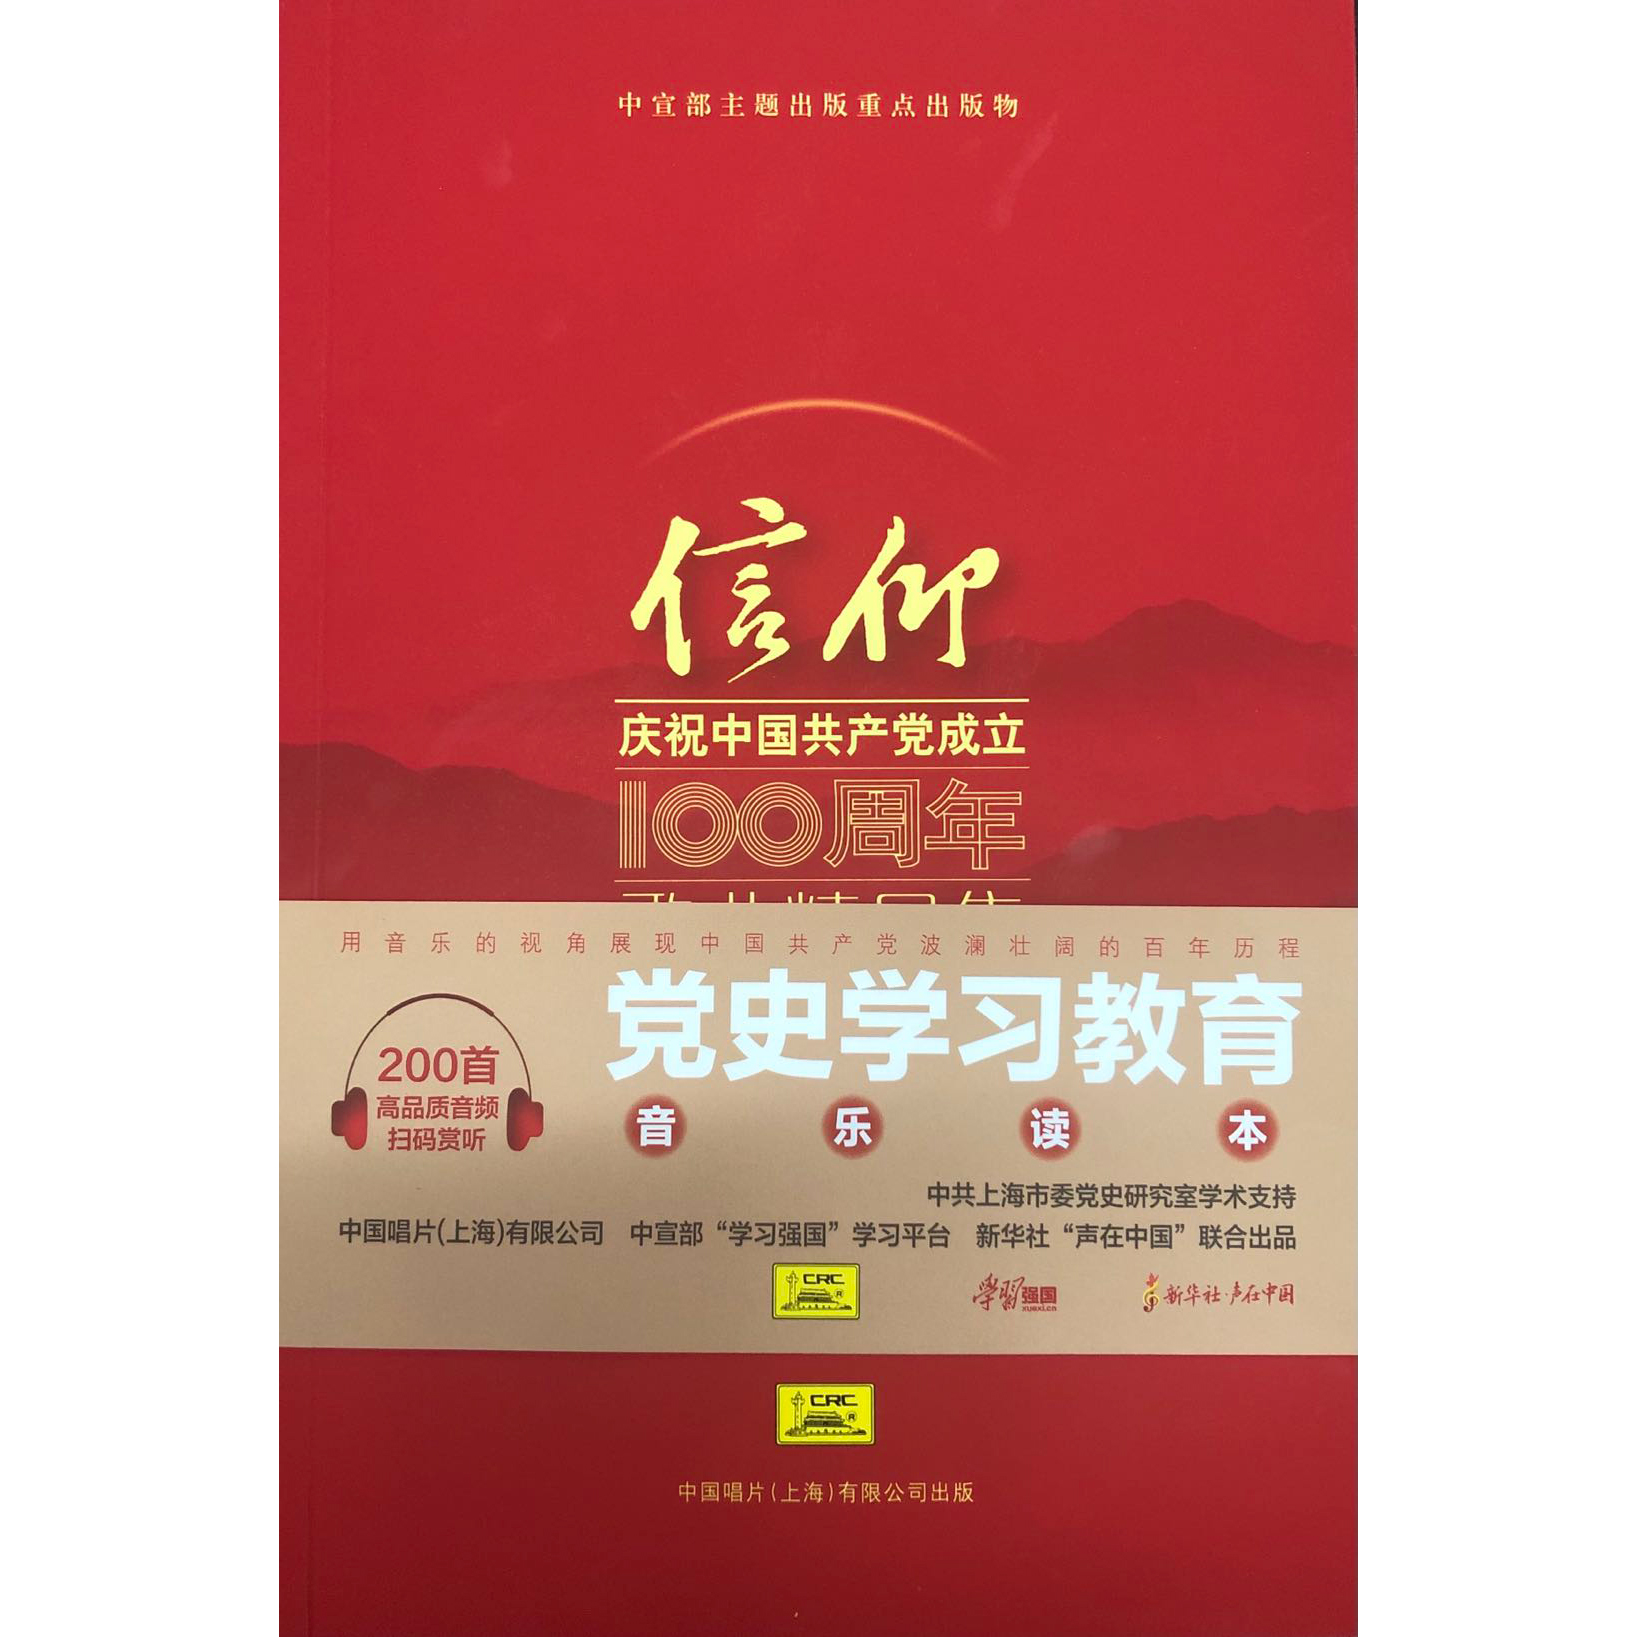 信仰庆祝中国公共党成立100周年歌曲精品集1921-2021 普及版